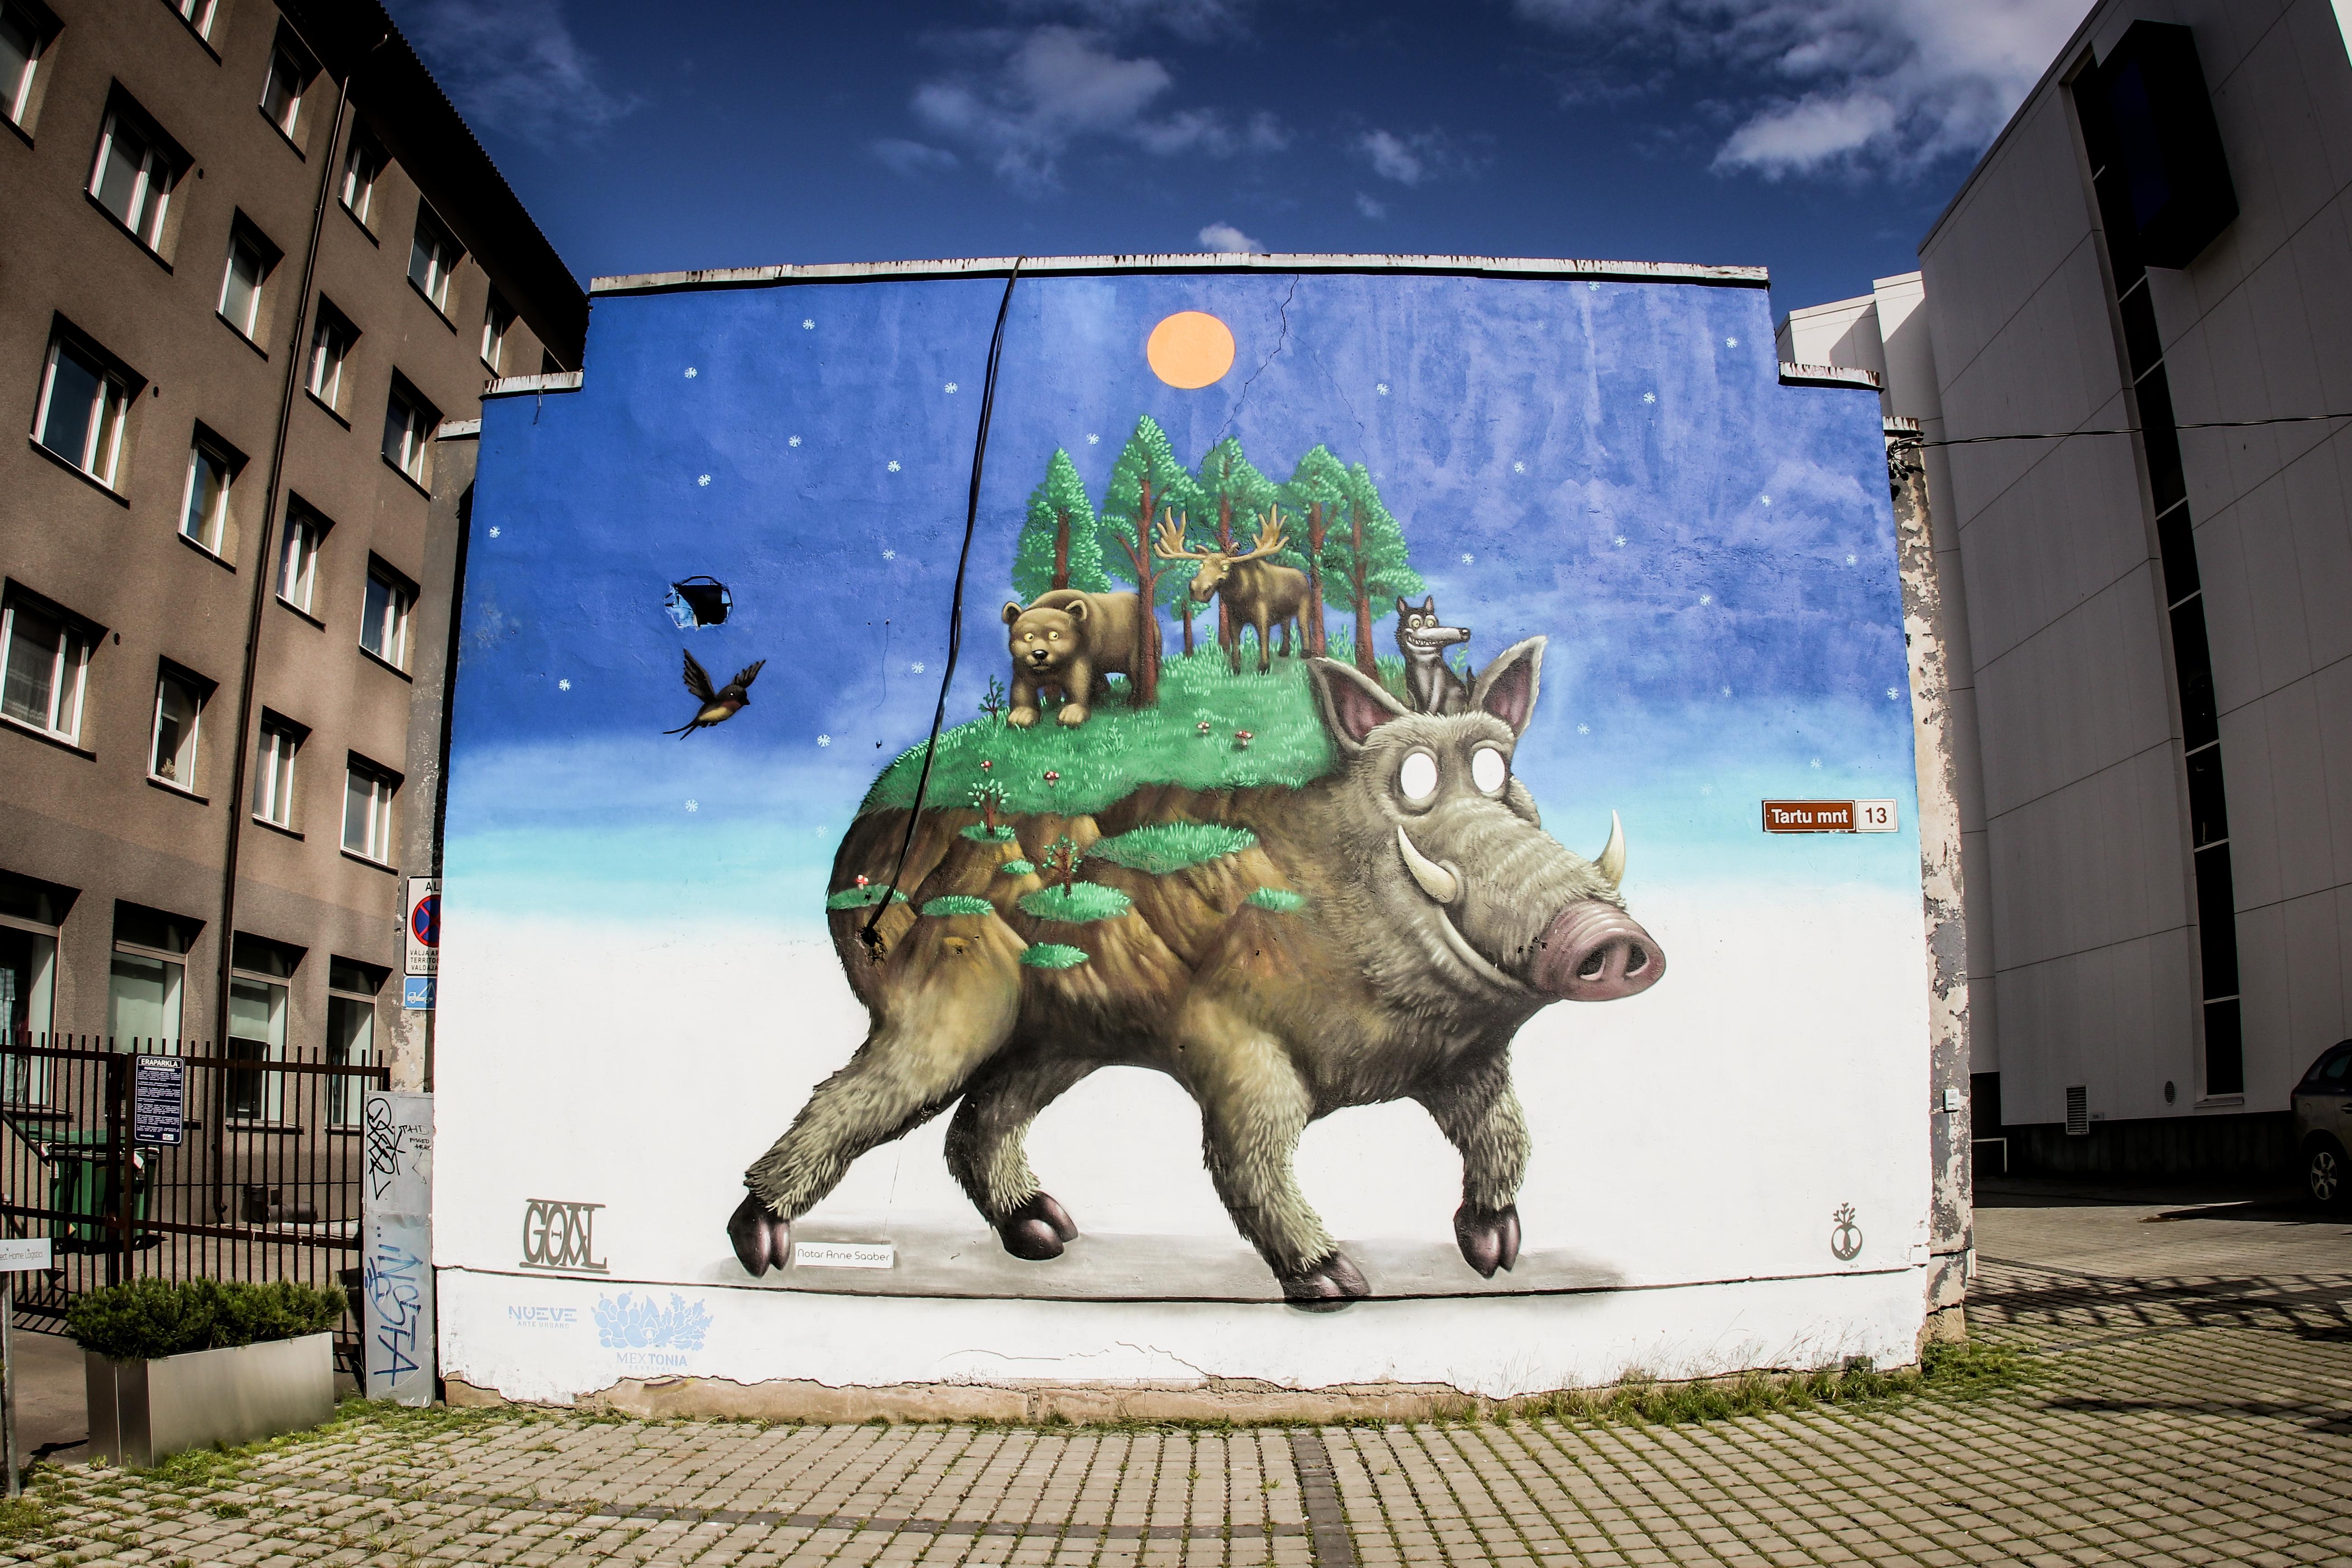 Artwork by Goal. Producer: Nueve Arte Urbano